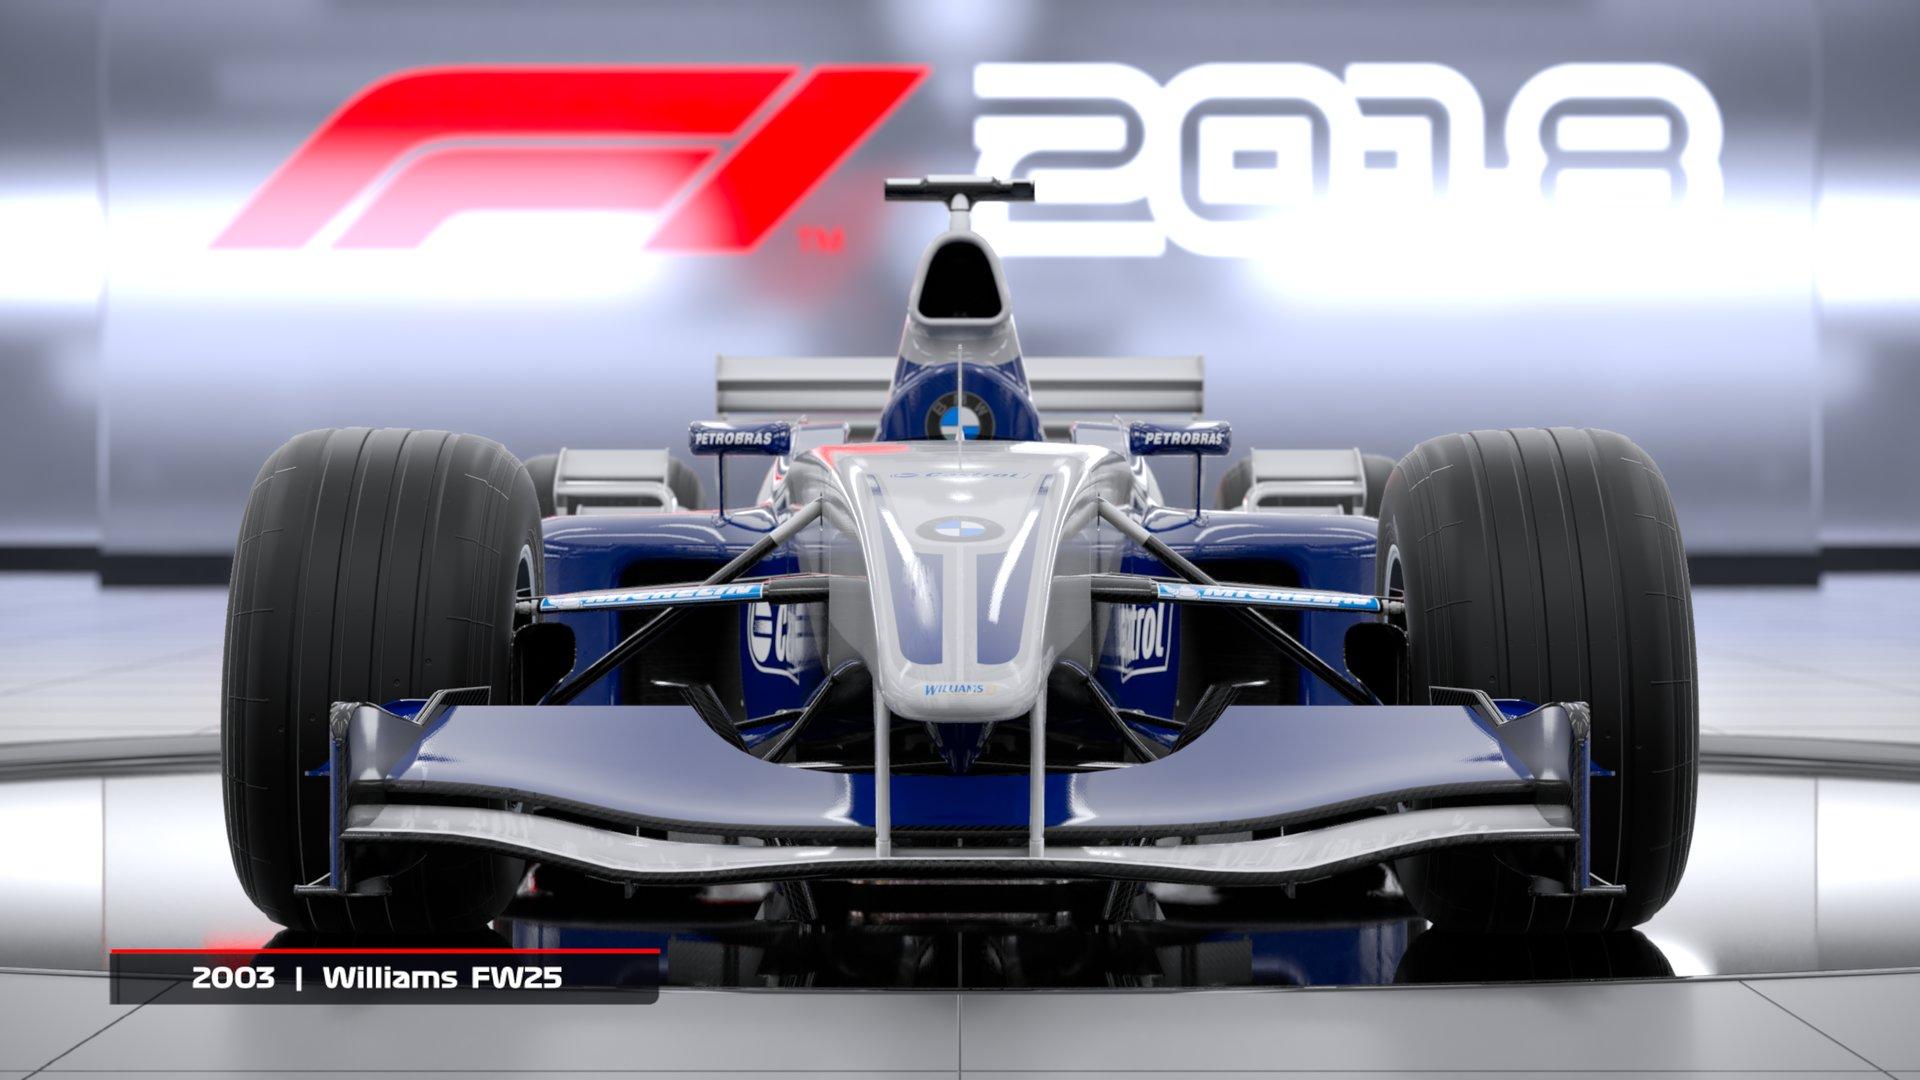 Williams FW25